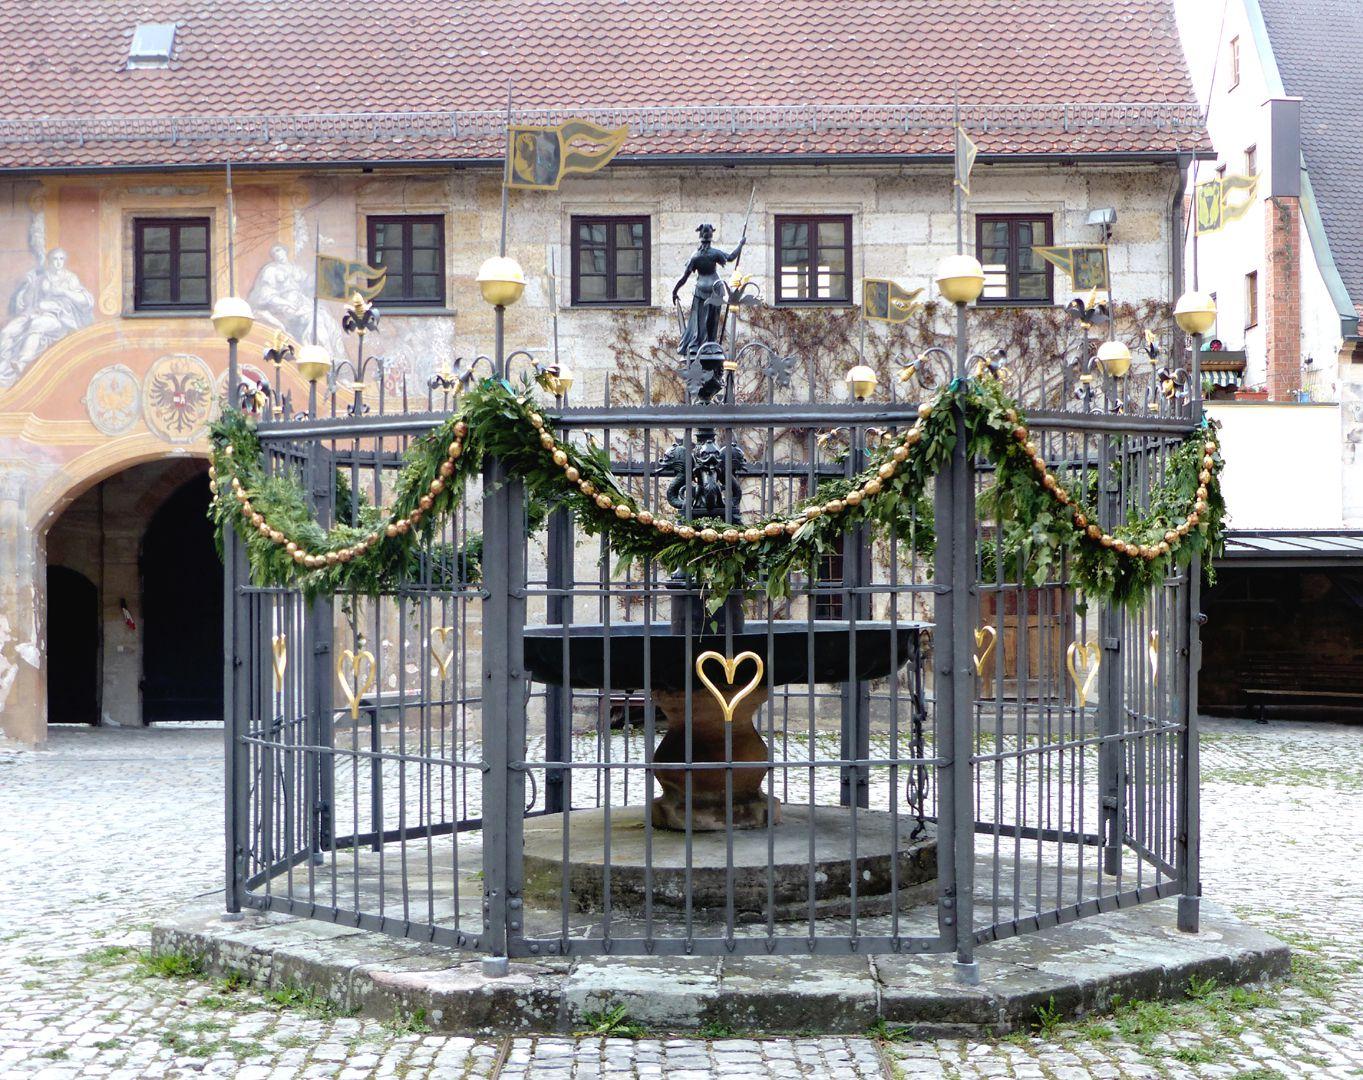 Athene-Brunnen Brunnen, Gesamtansicht in Richtung Pedellhaus